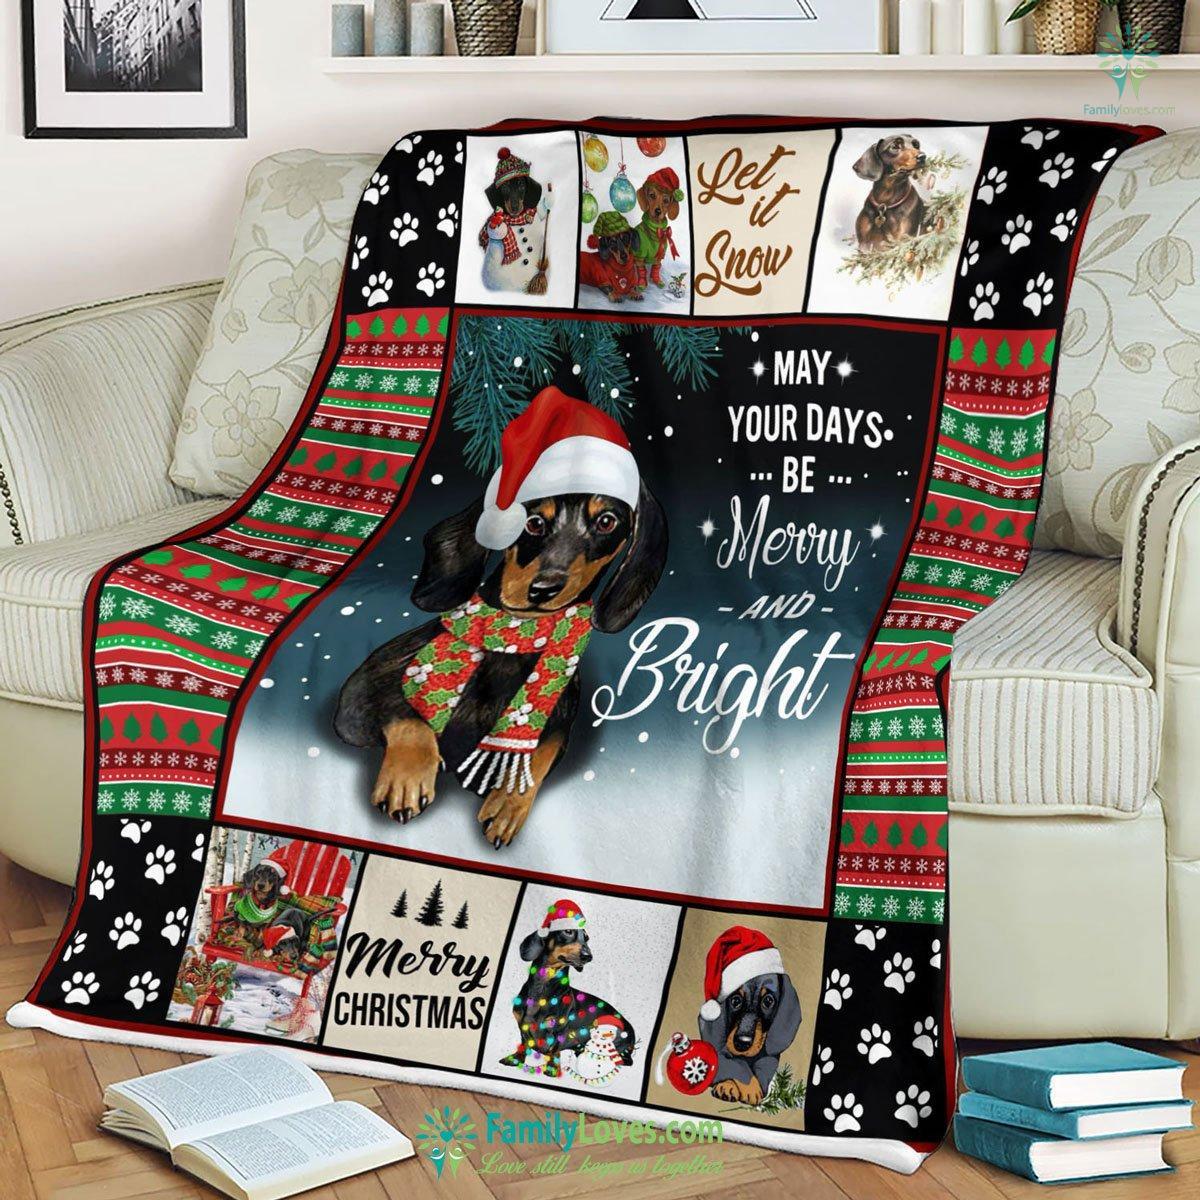 Dachshund Blanket 2 Familyloves.com